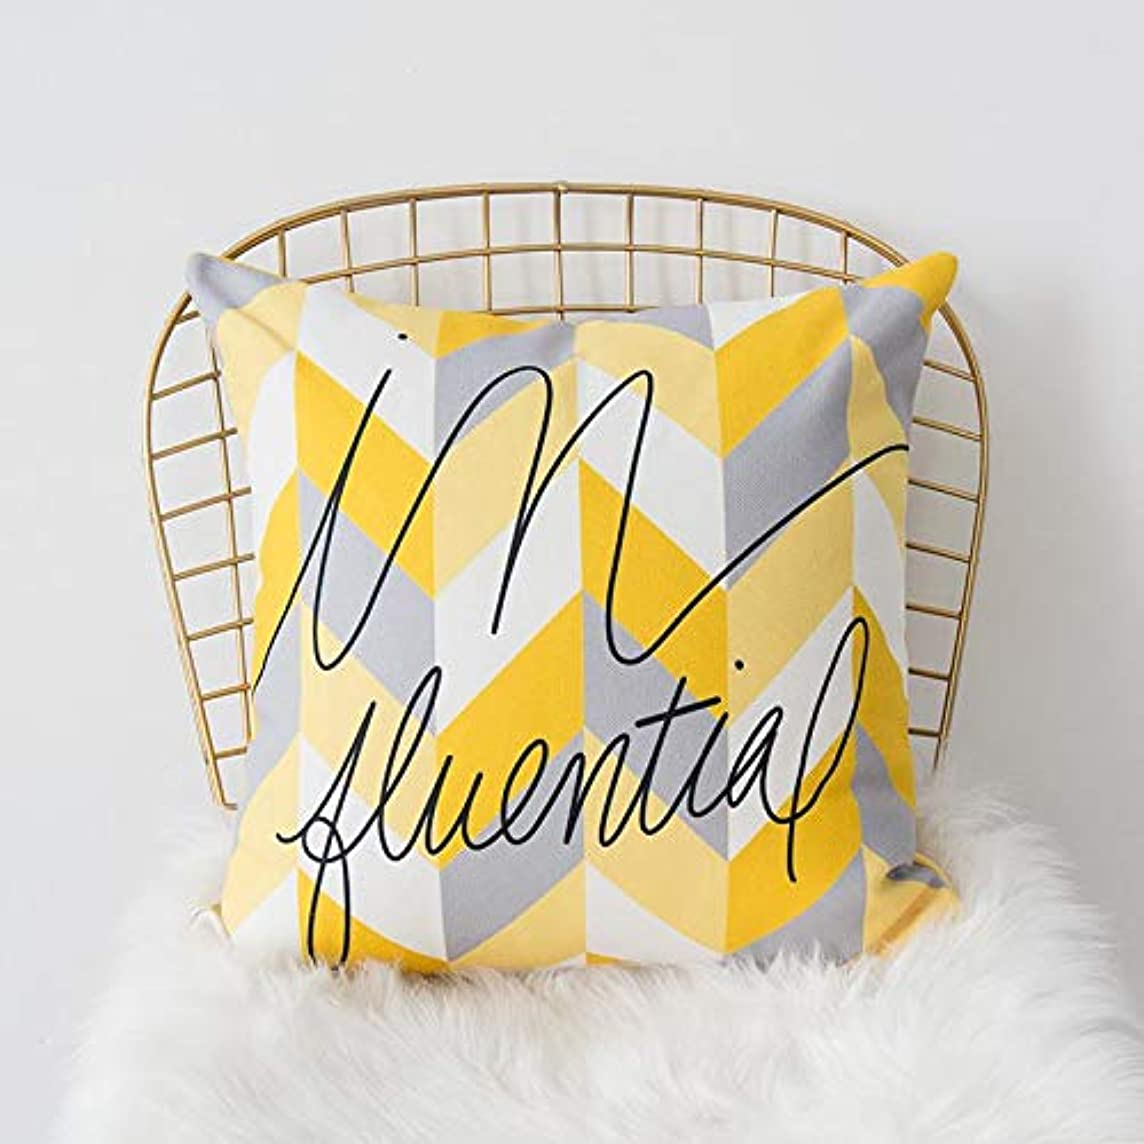 切り離すアーカイブ現金SMART 黄色グレー枕北欧スタイル黄色ヘラジカ幾何枕リビングルームのインテリアソファクッション Cojines 装飾良質 クッション 椅子